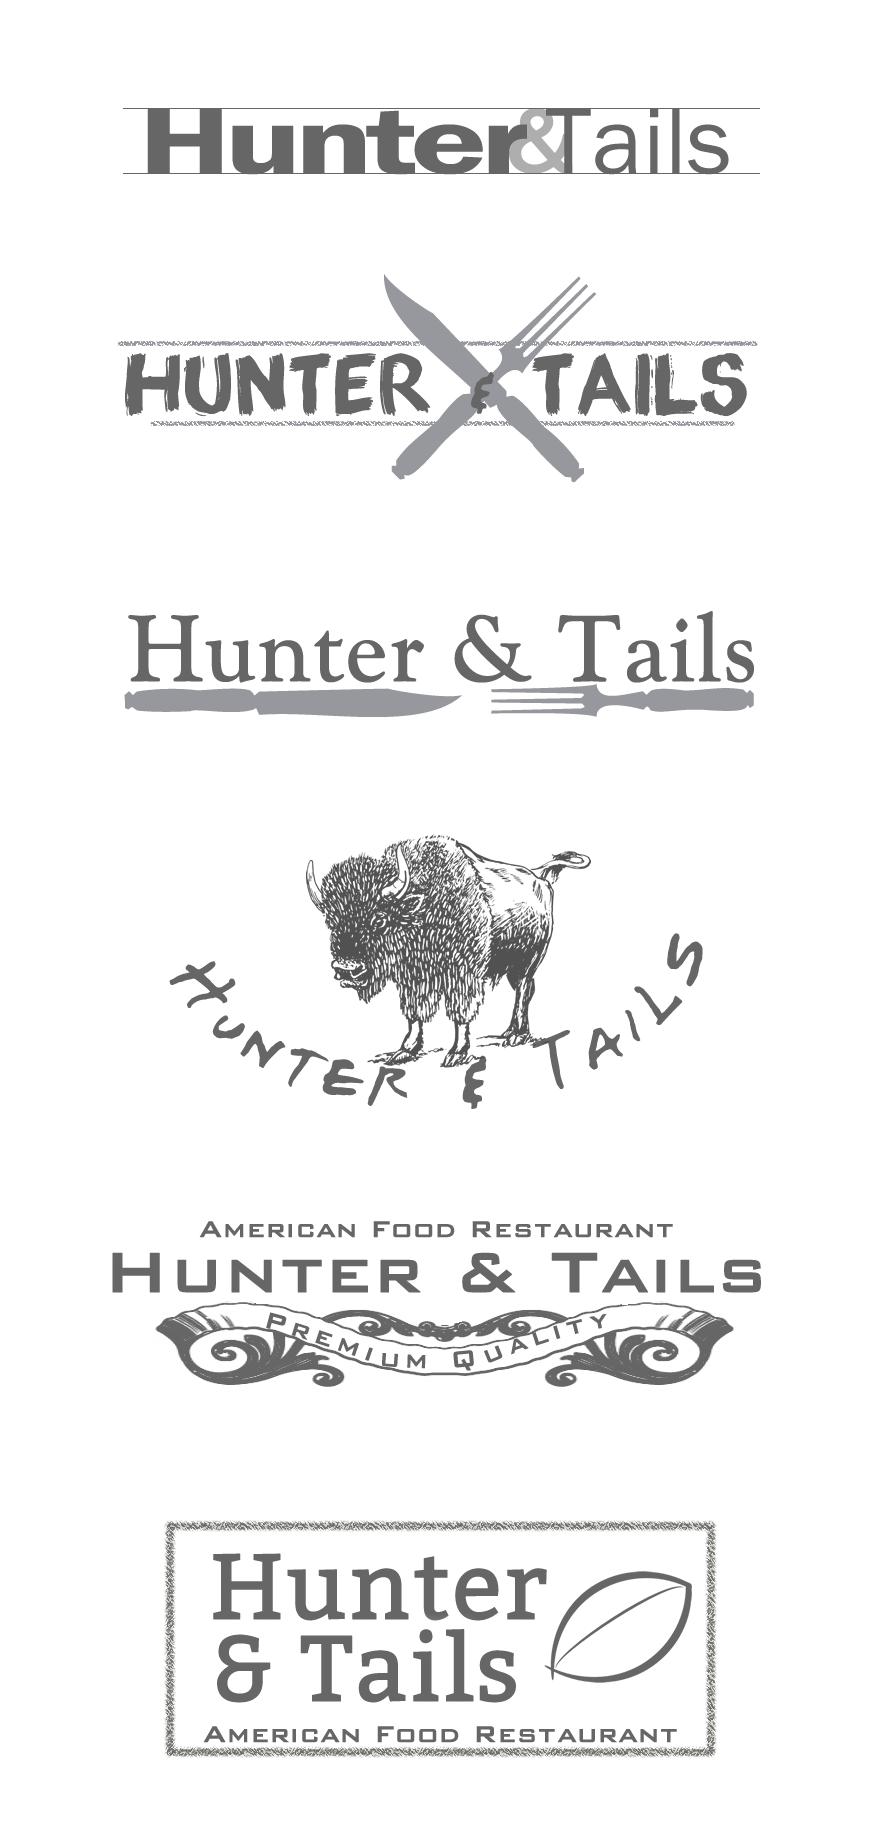 HunterLogoSheet01